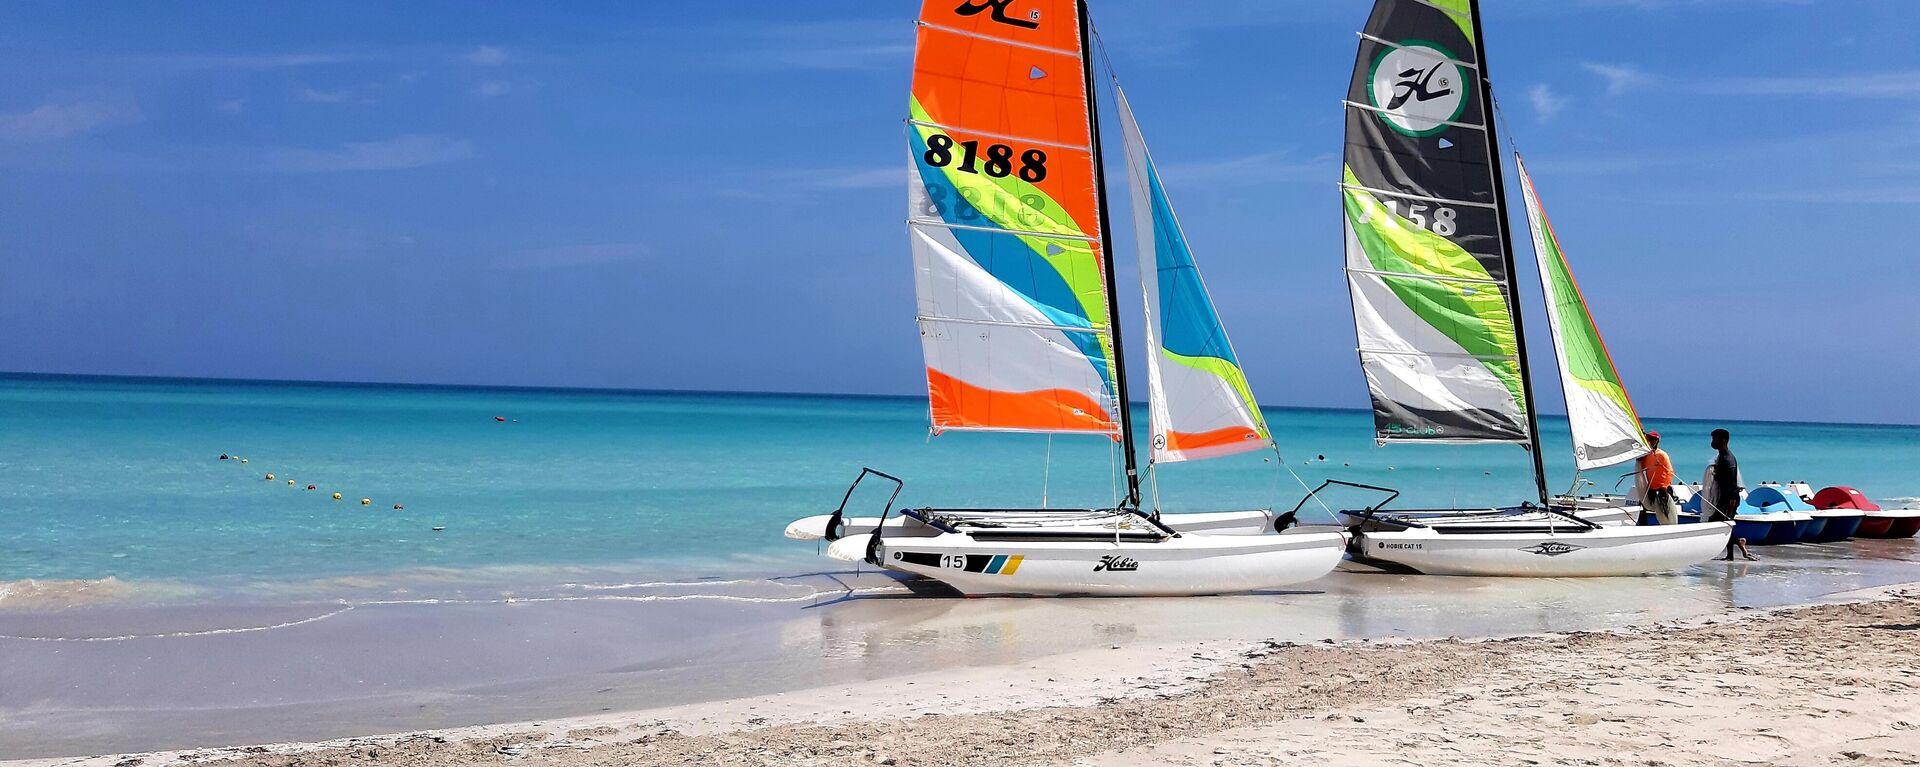 Varadero es una de las 25 mejores playas del mundo - Sputnik Mundo, 1920, 17.09.2021